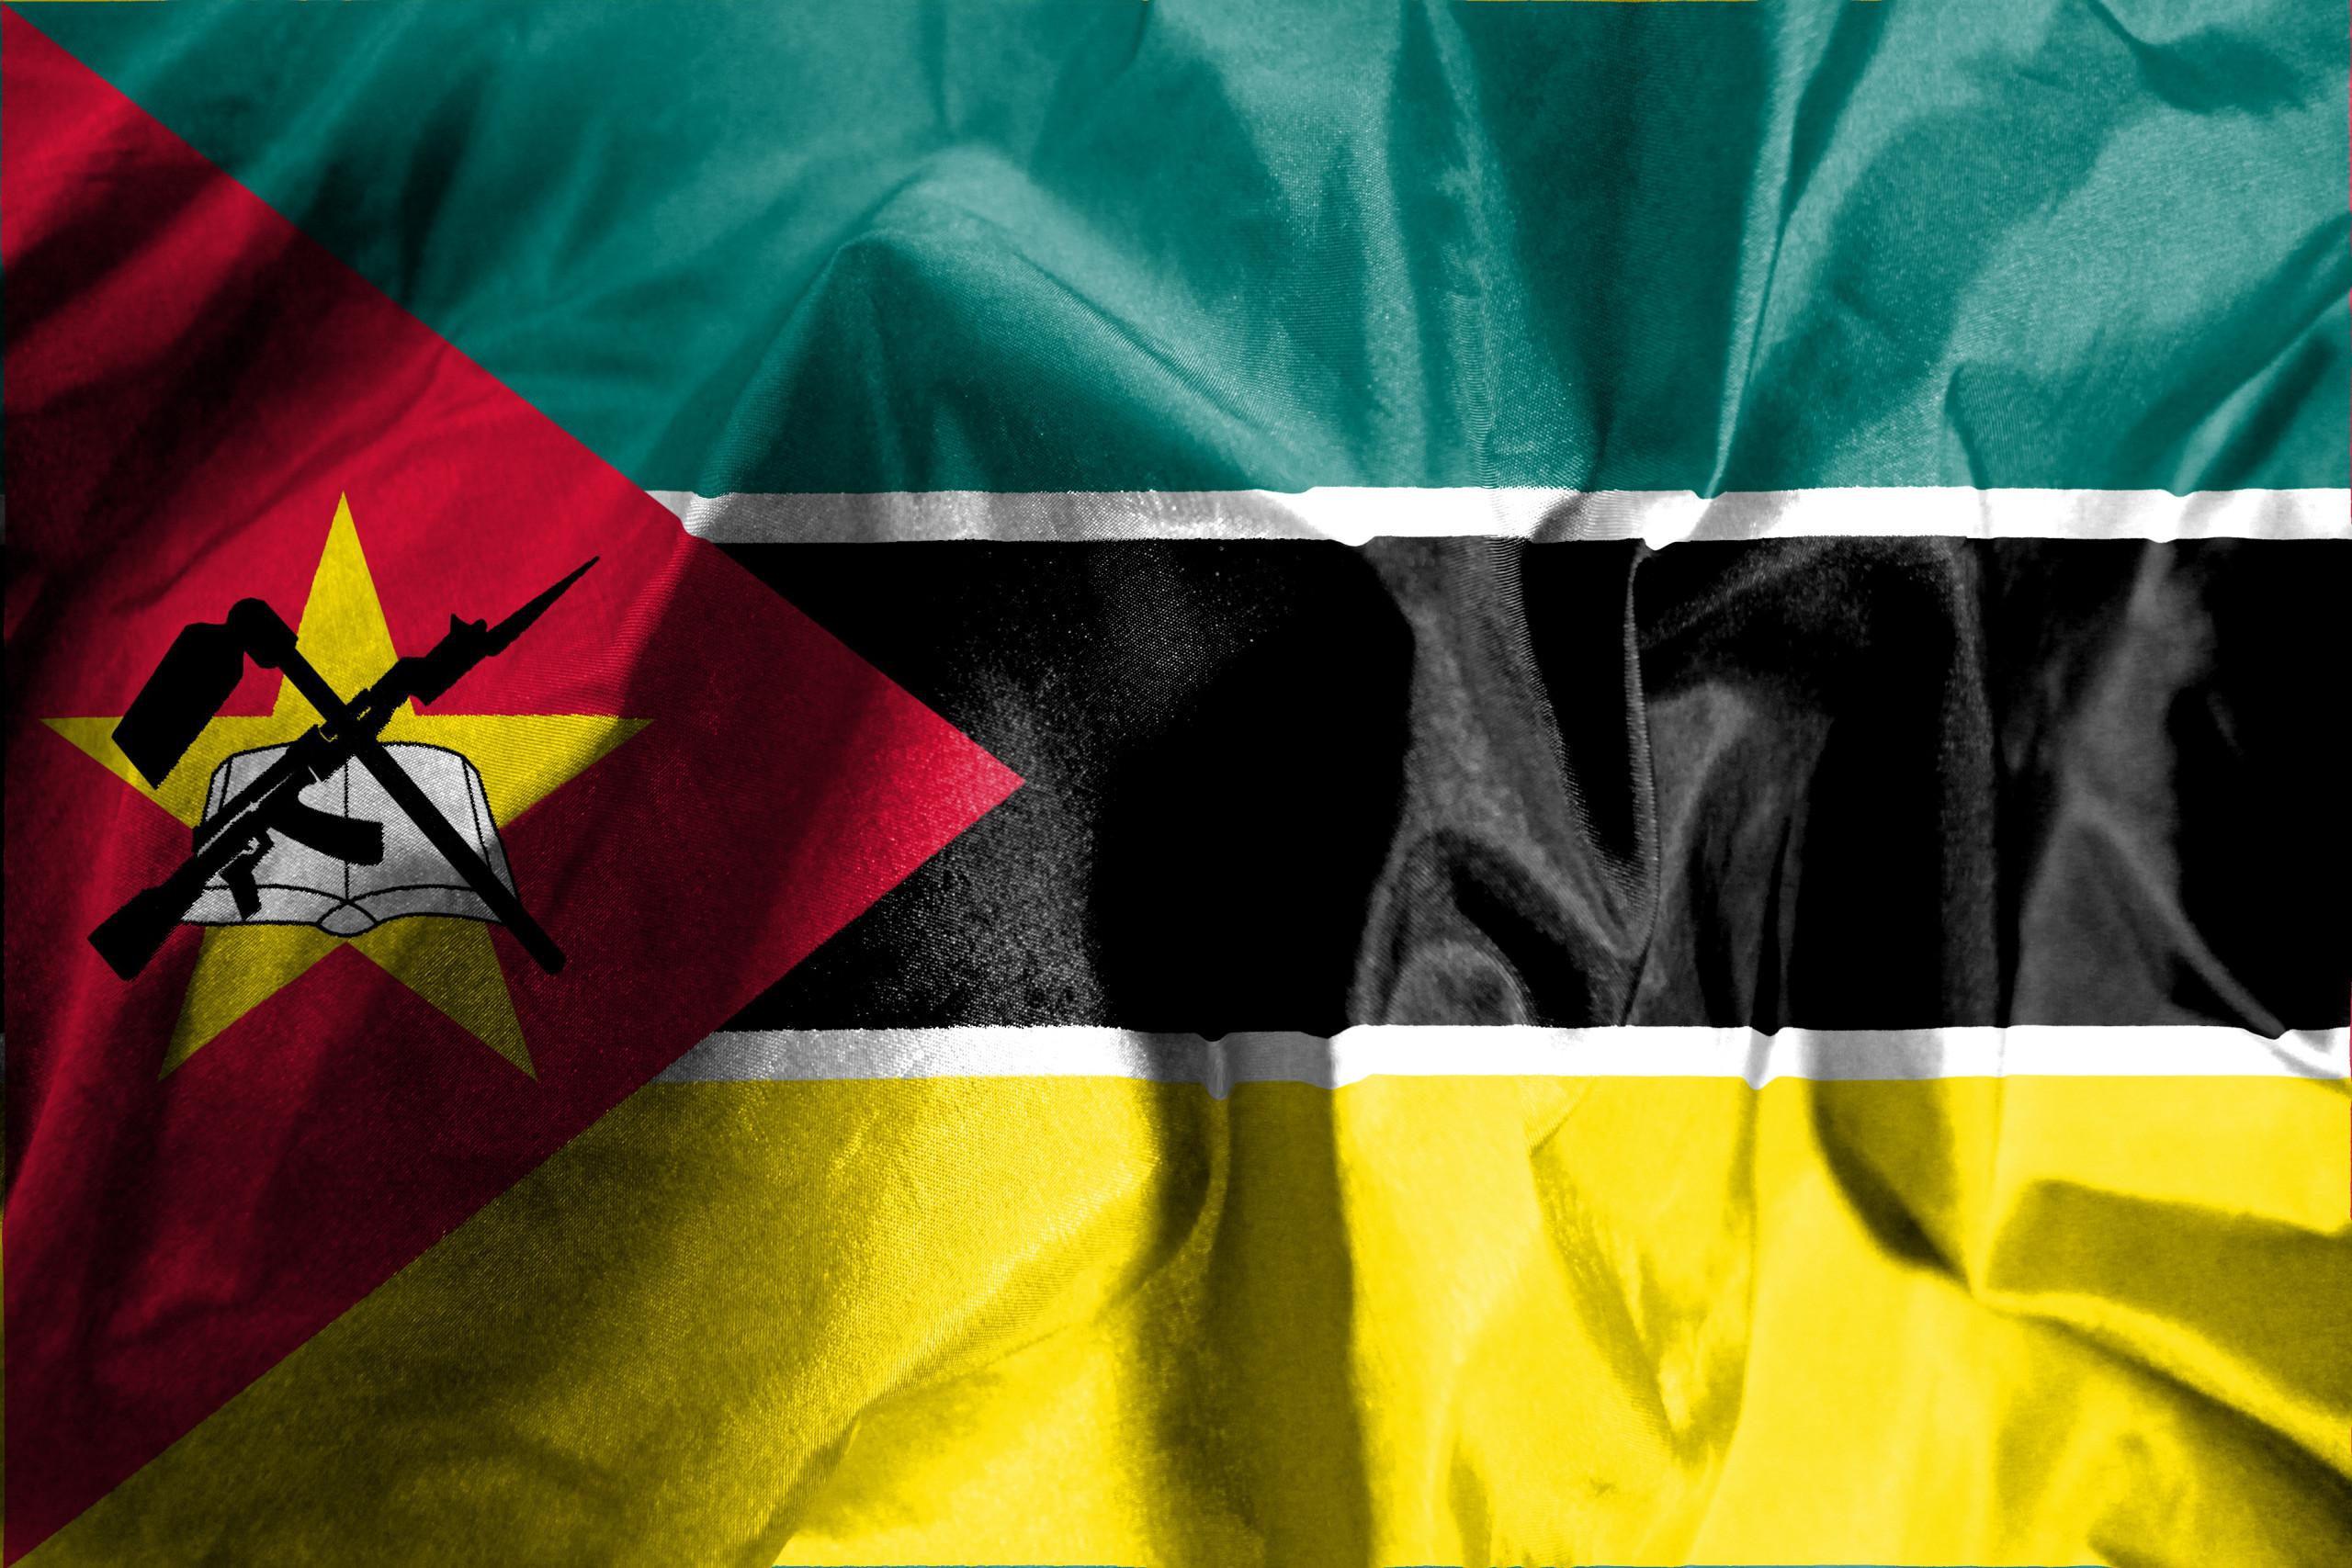 Eletricidade de Moçambique aumenta preço da energia